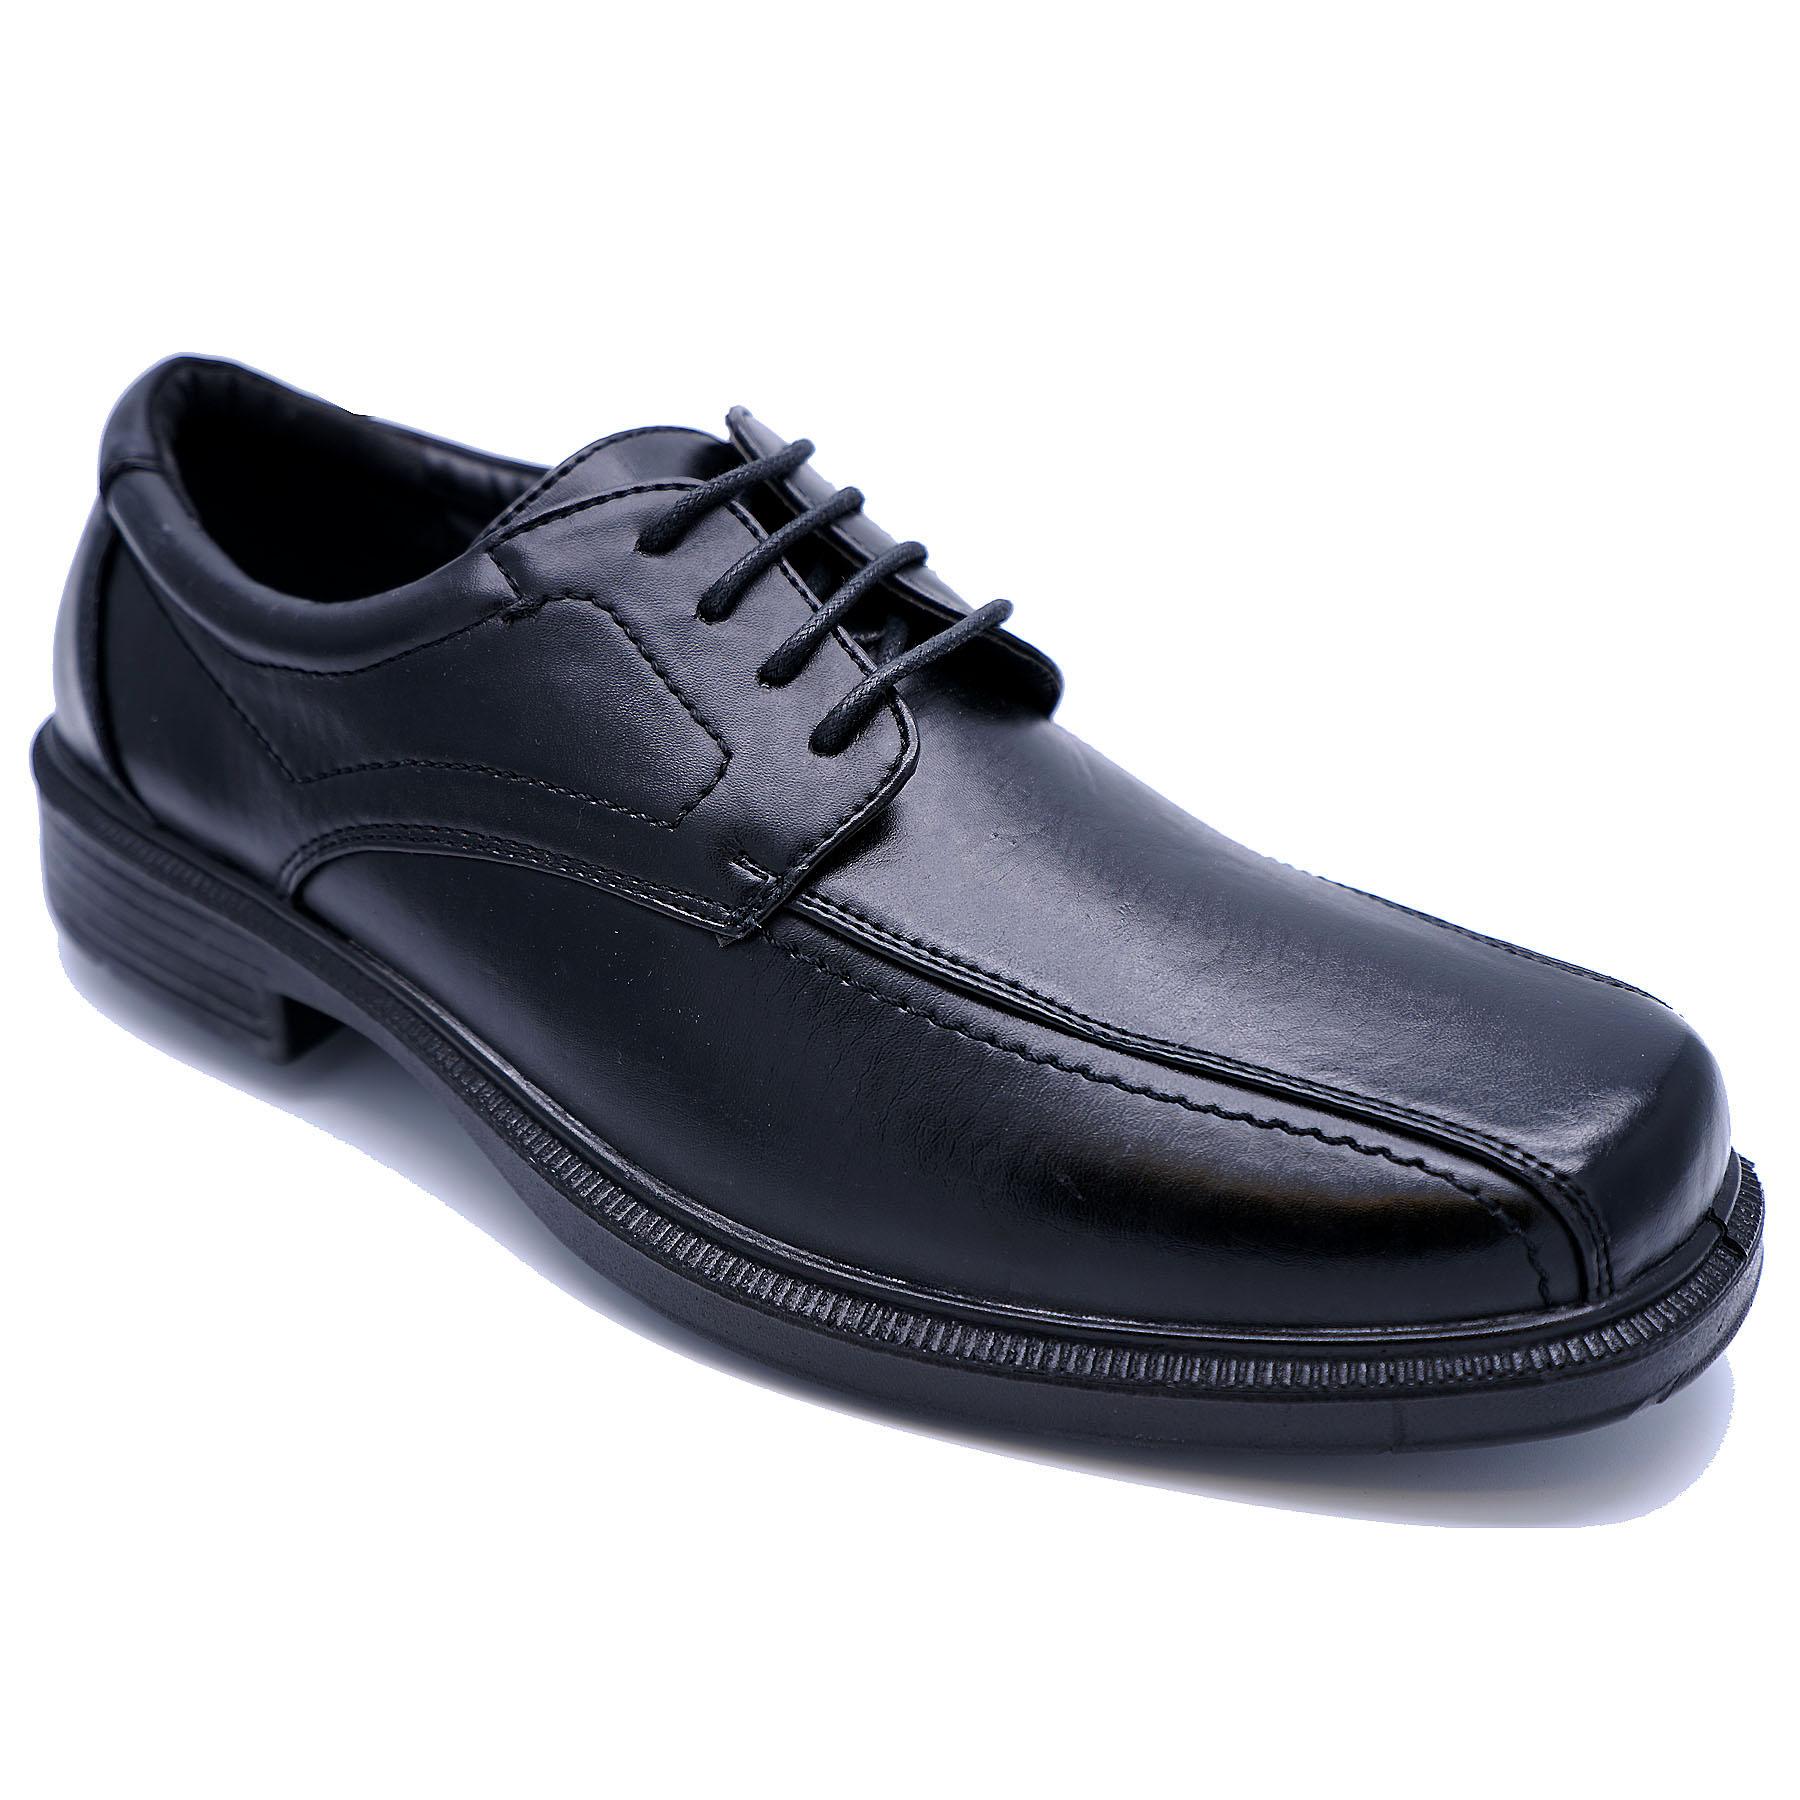 Para Hombre Negro con Cordones Mocasines Informales Inteligentes Boda De Trabajo Escuela Zapatos Tallas 8-11